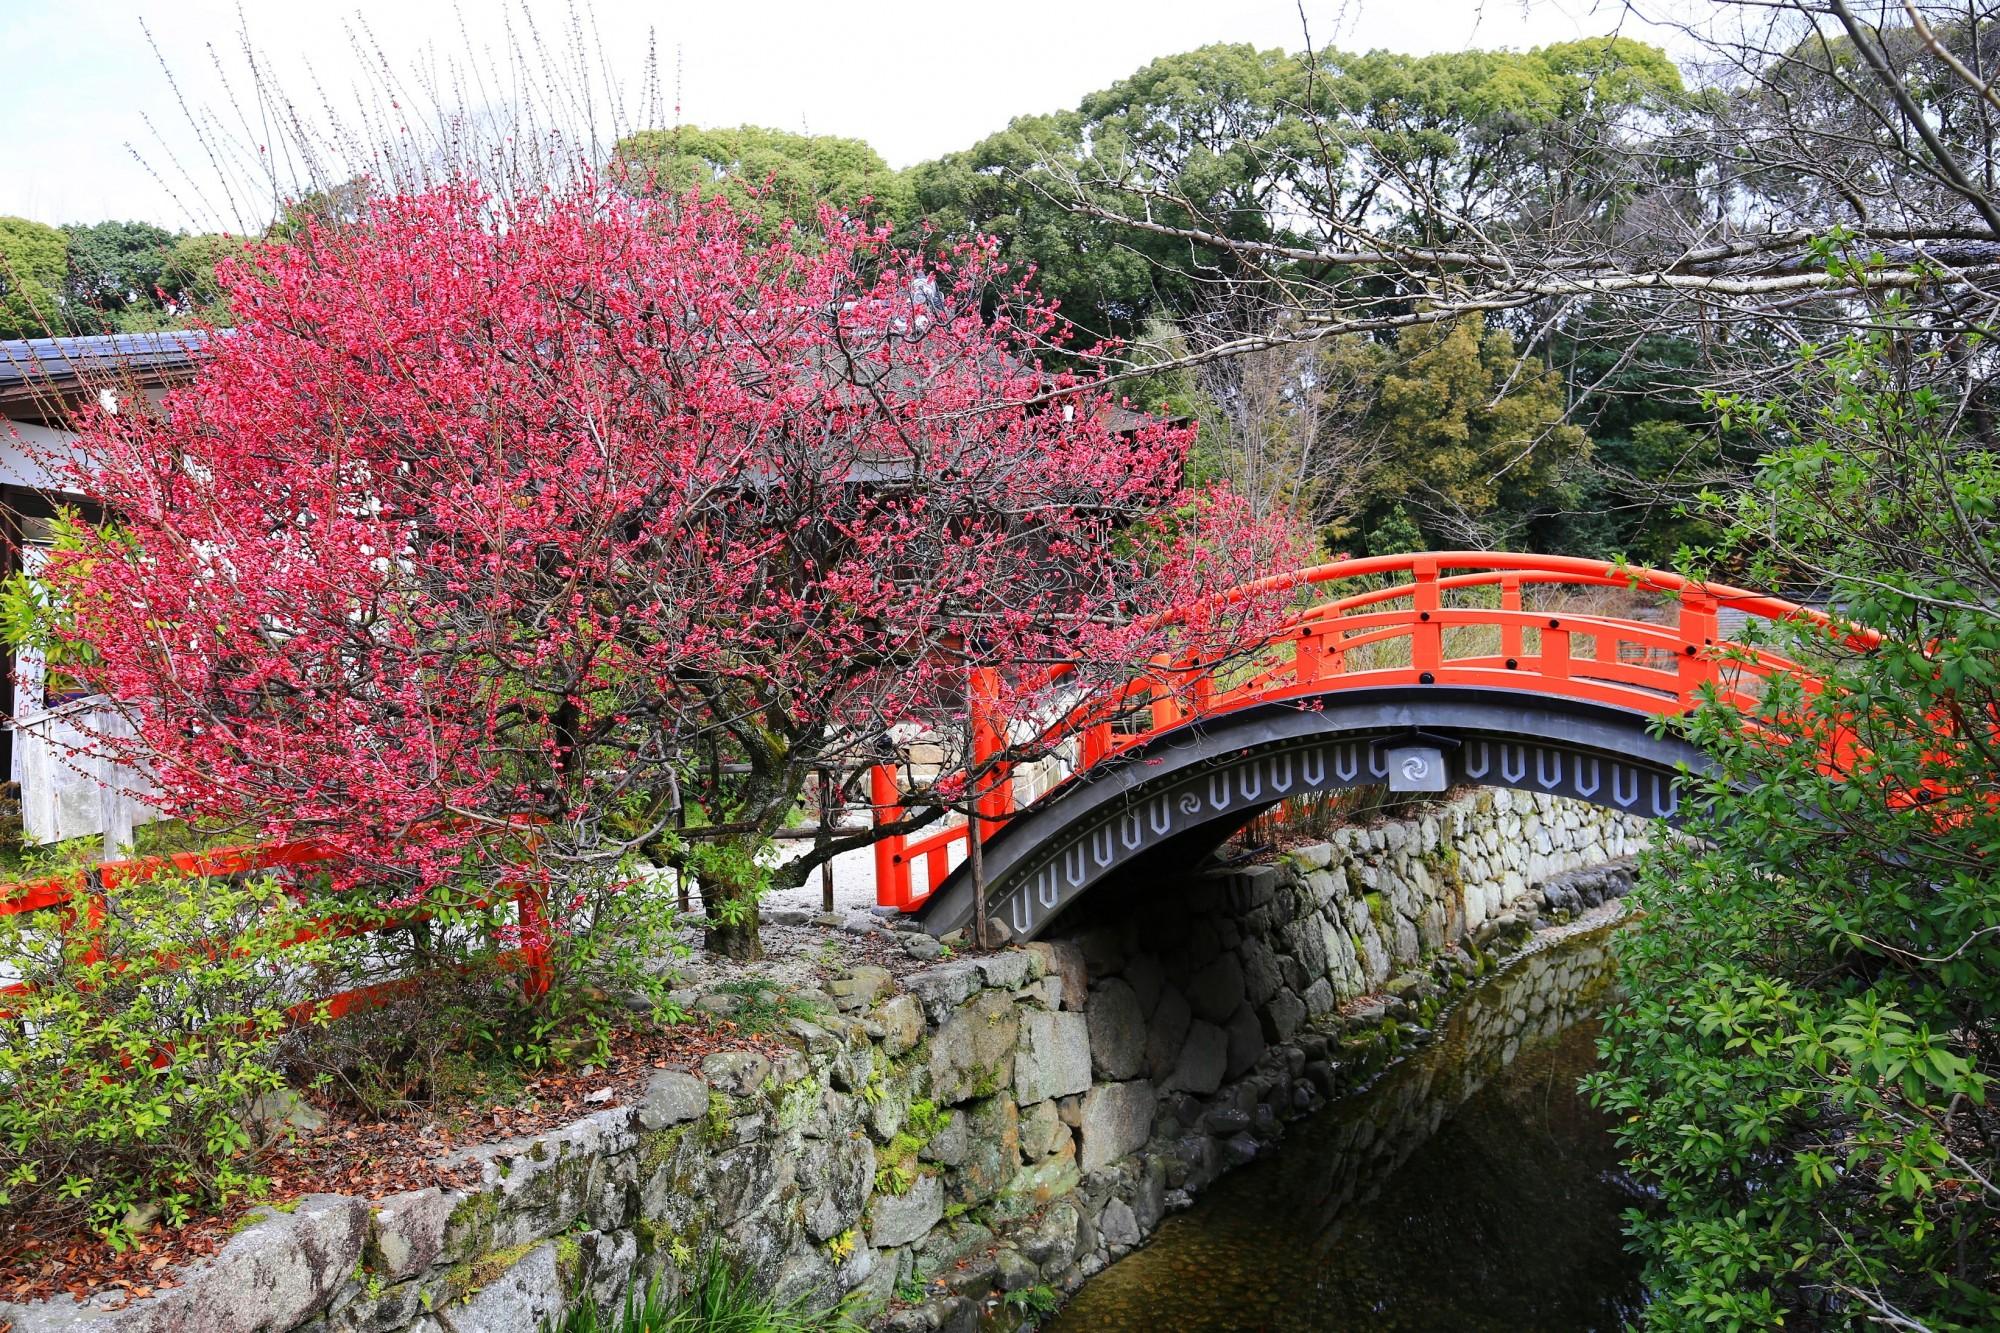 下鴨神社 光琳の梅 まさに絵になる梅の風景